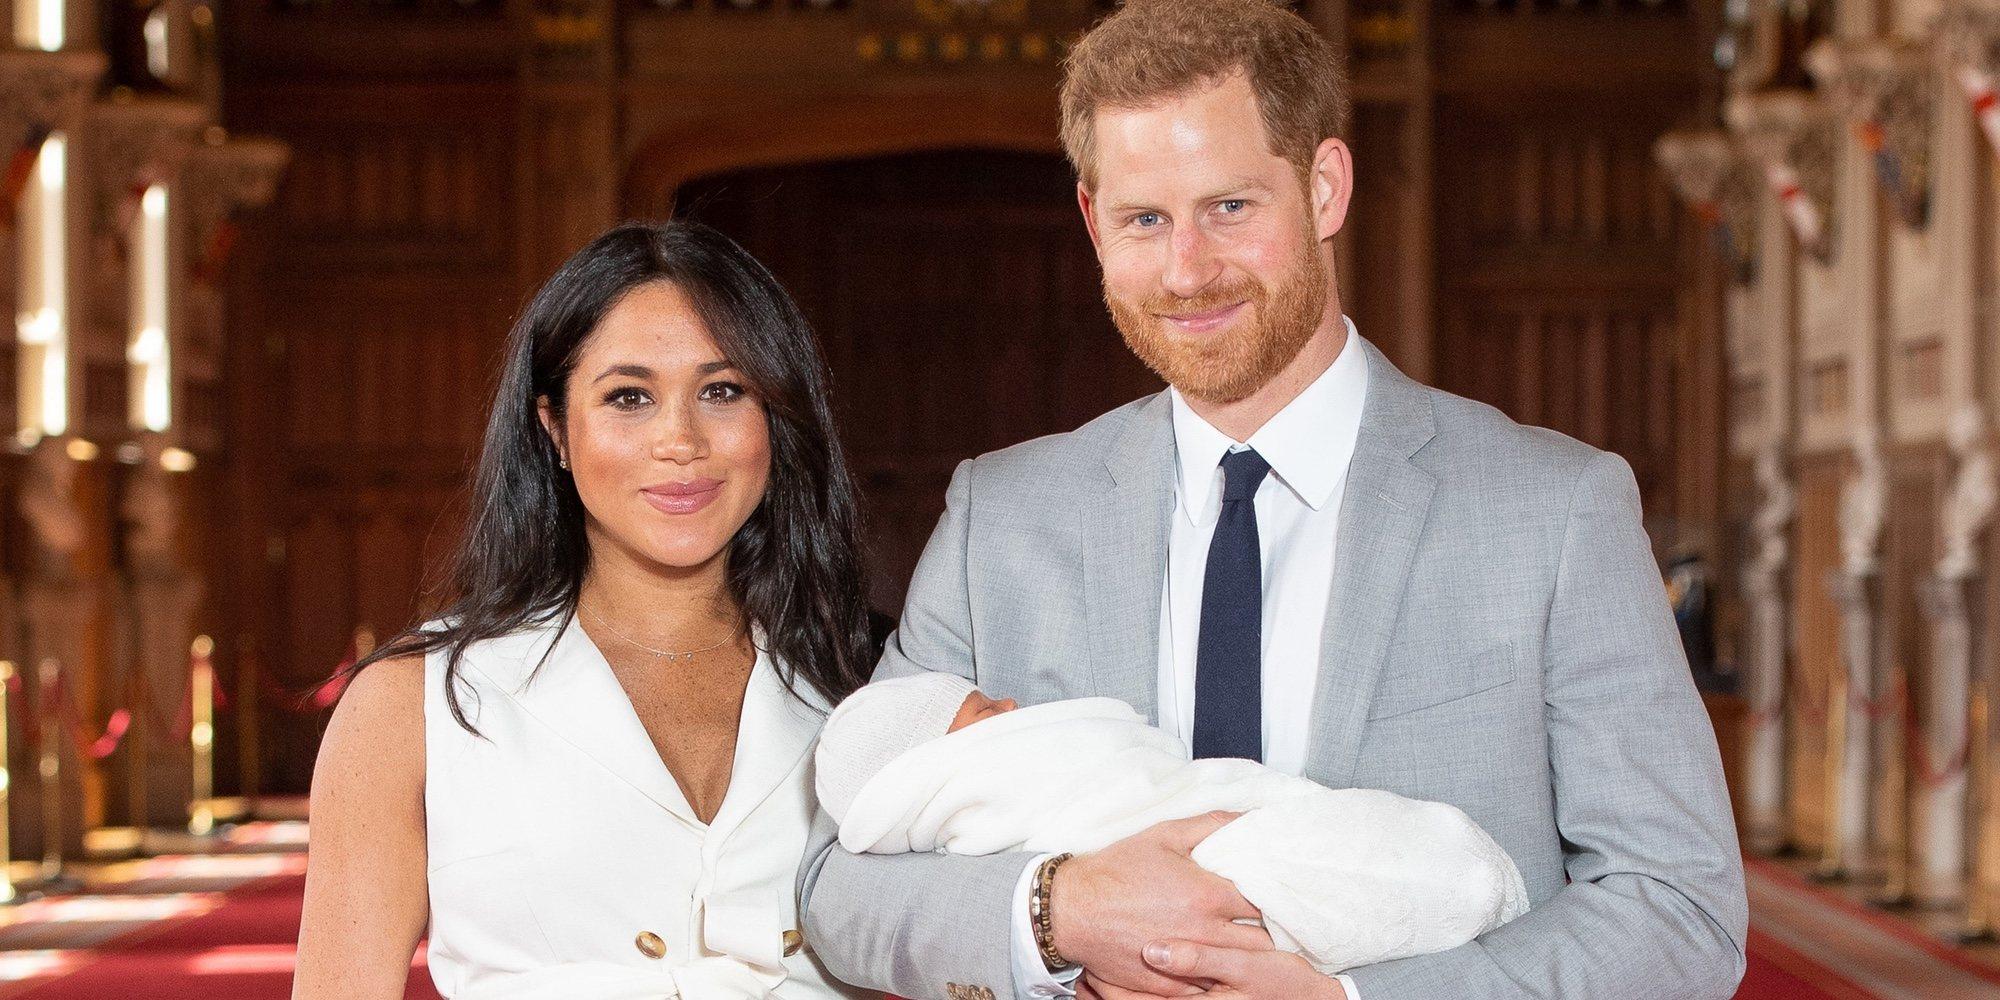 El Príncipe Harry y Meghan Markle presentan a su primer hijo